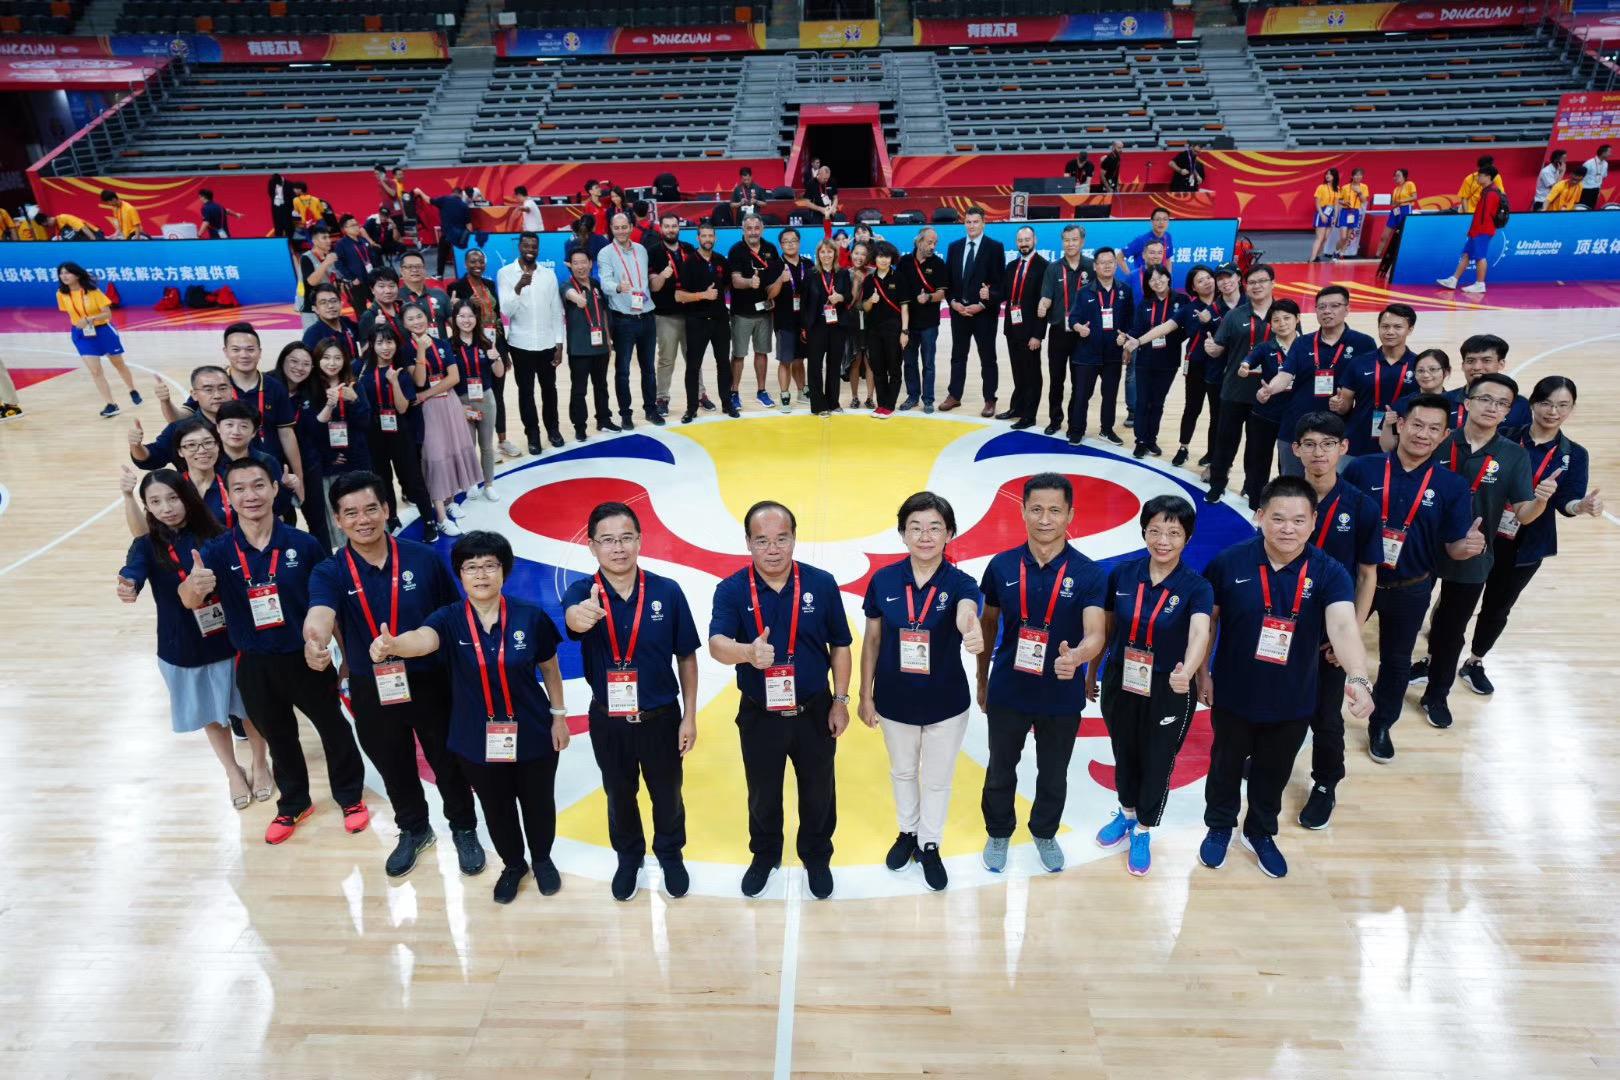 2019年国际蓝联篮球世界杯